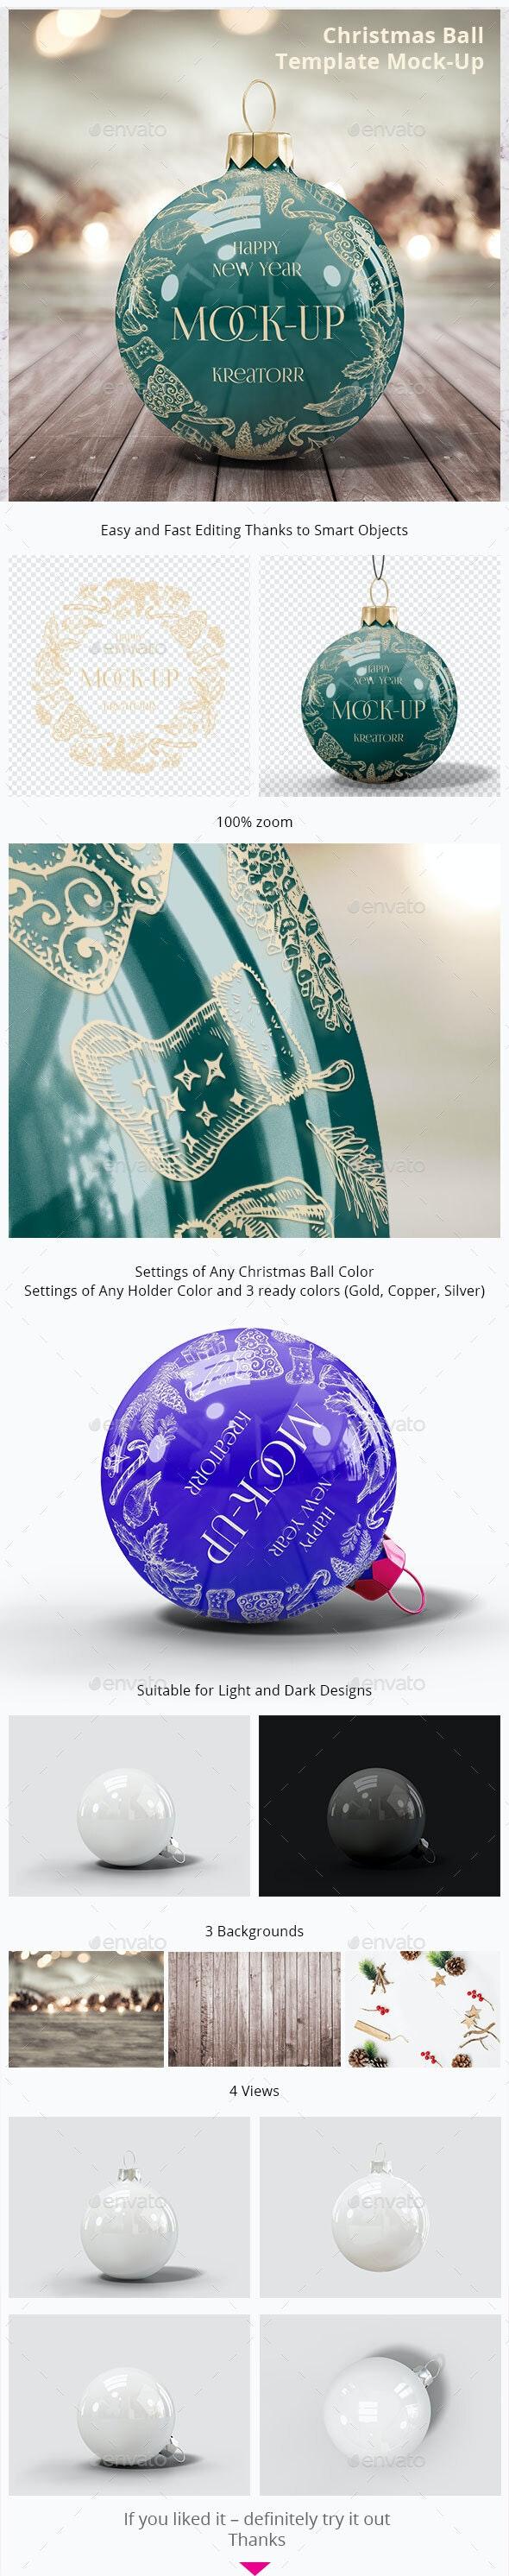 Christmas Ball. Template Mock-Up